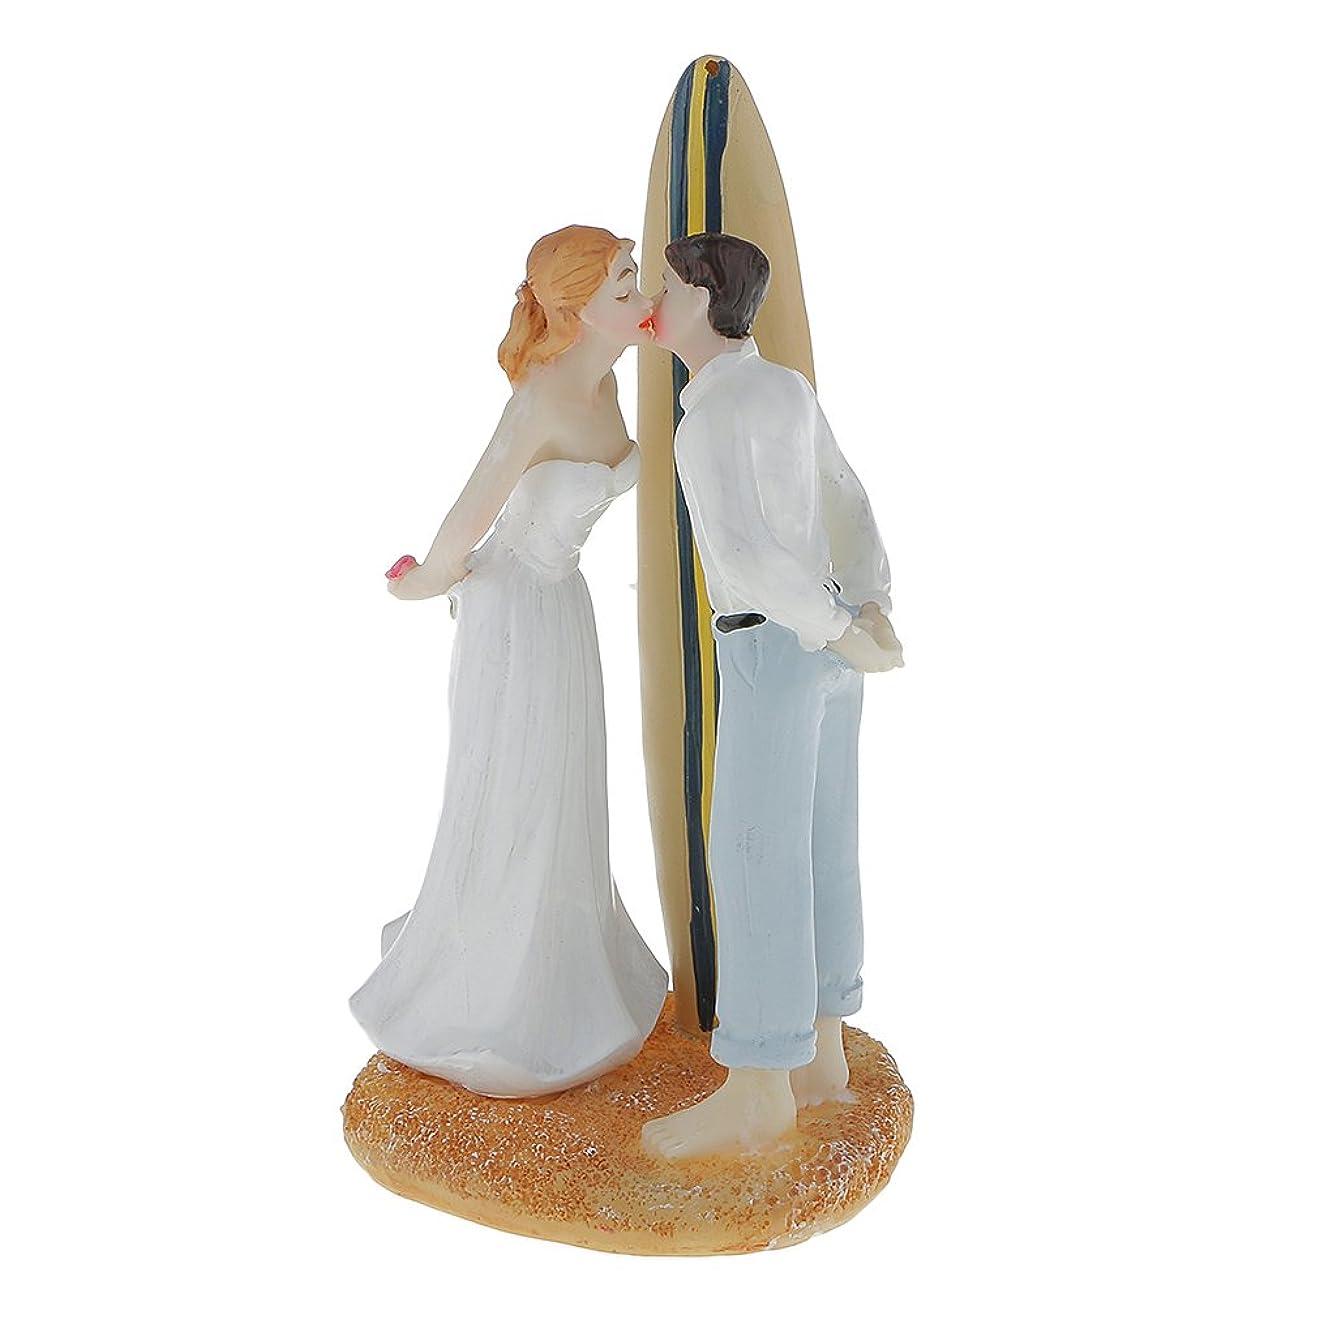 サスペンド葉を拾ういつ【ノーブランド品】結婚式のパーティー 装飾トッパー 帆船の置物 ケーキの上 花嫁花婿キス